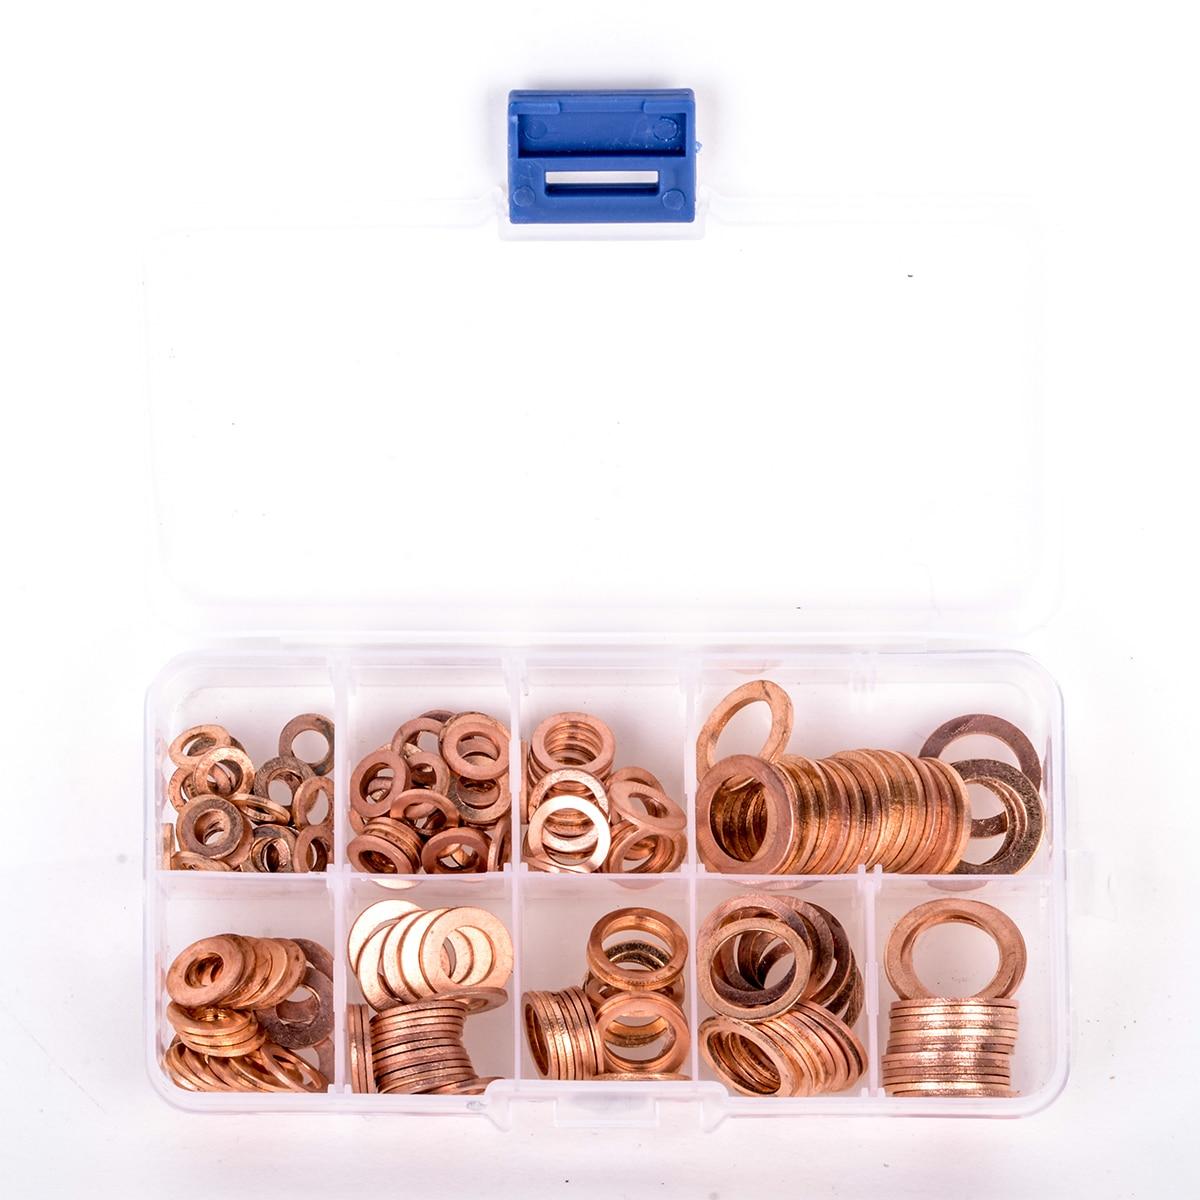 200 stücke M5-M14 Professionelle Assorted Kupfer Waschmaschine Dichtung Set Flache Ring Dichtung Sortiment Kit mit Box Für Hardware Zubehör